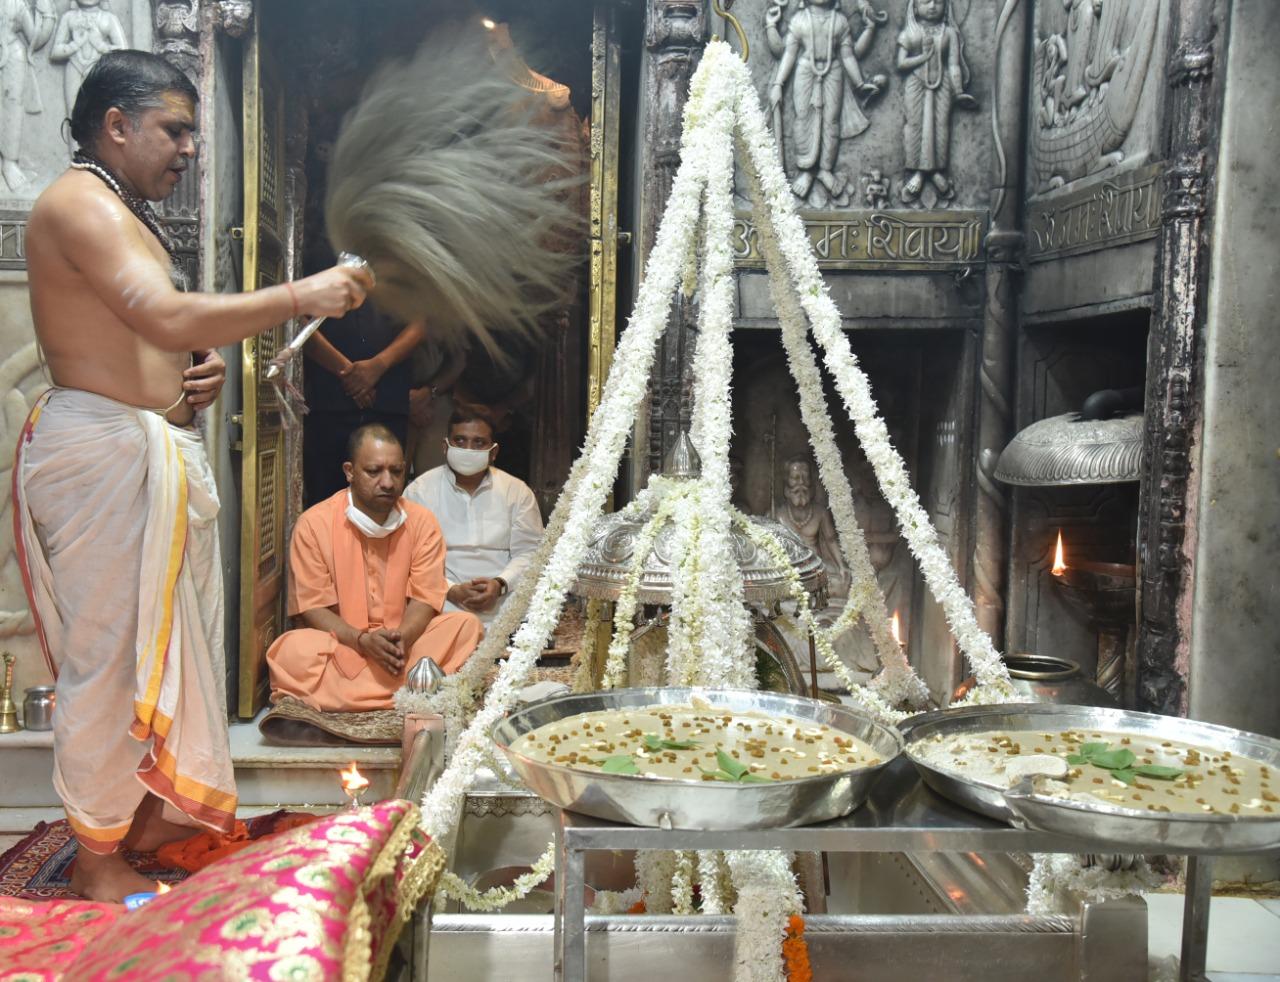 Yogi worshiping at Kashi Vishwanath Dham Mandir